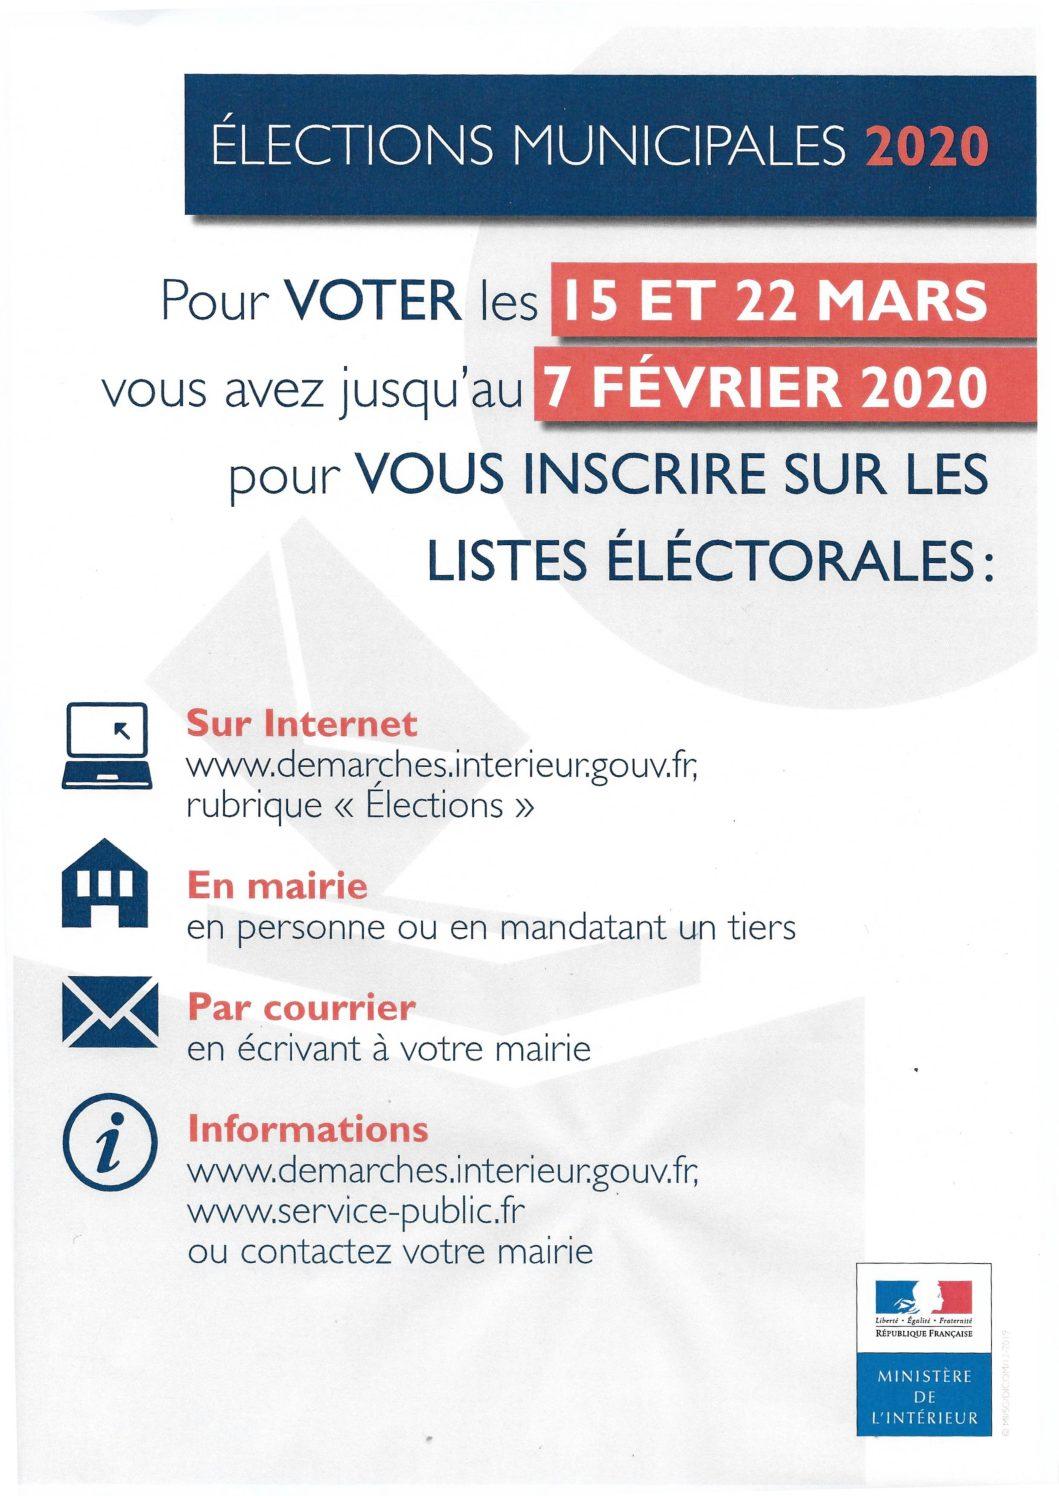 Elections municipales des 15 et 22 mars